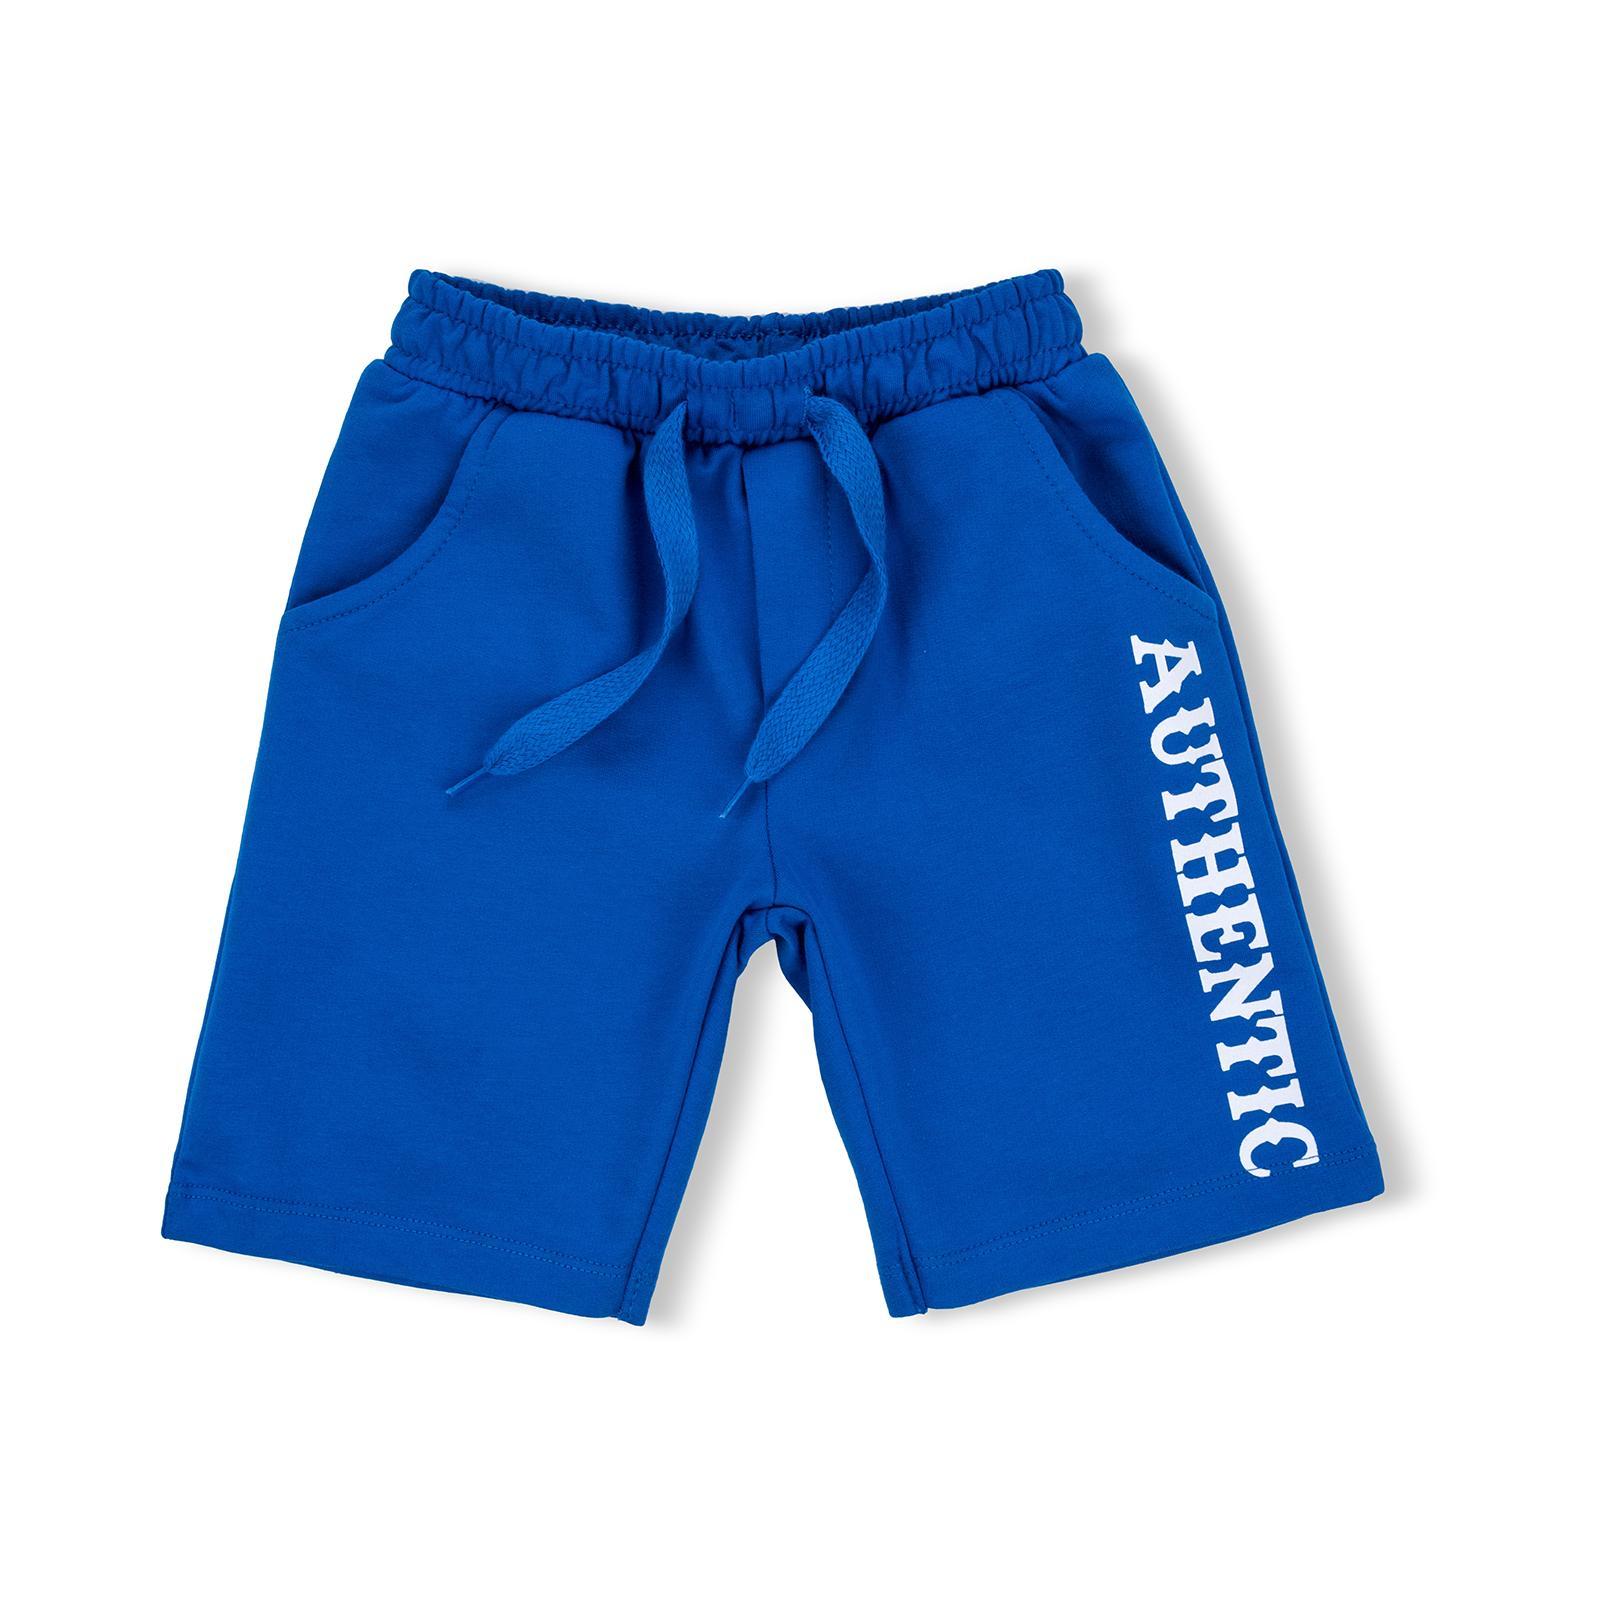 """Футболка детская Breeze с шортами """"AUTHENTIC"""" (10583-92B-blue) изображение 3"""